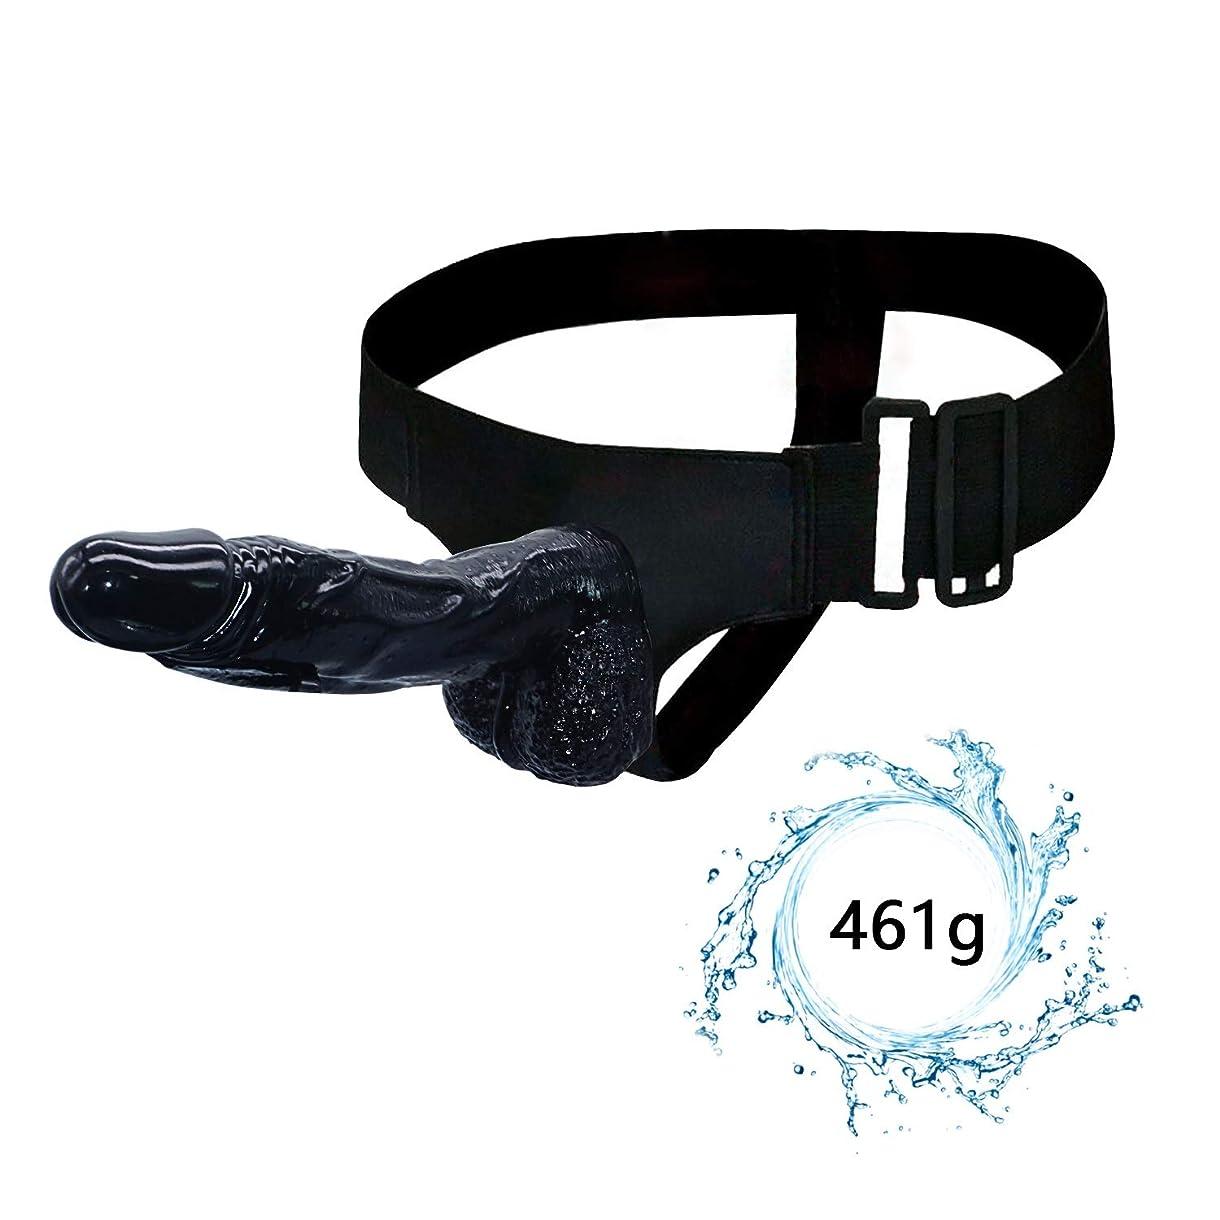 結果収束海洋のLFLZCP 女性のためのウェアラブル調節可能なベルト着用レディースパンティー調節可能なベルトマッサージワンド LFLZCP